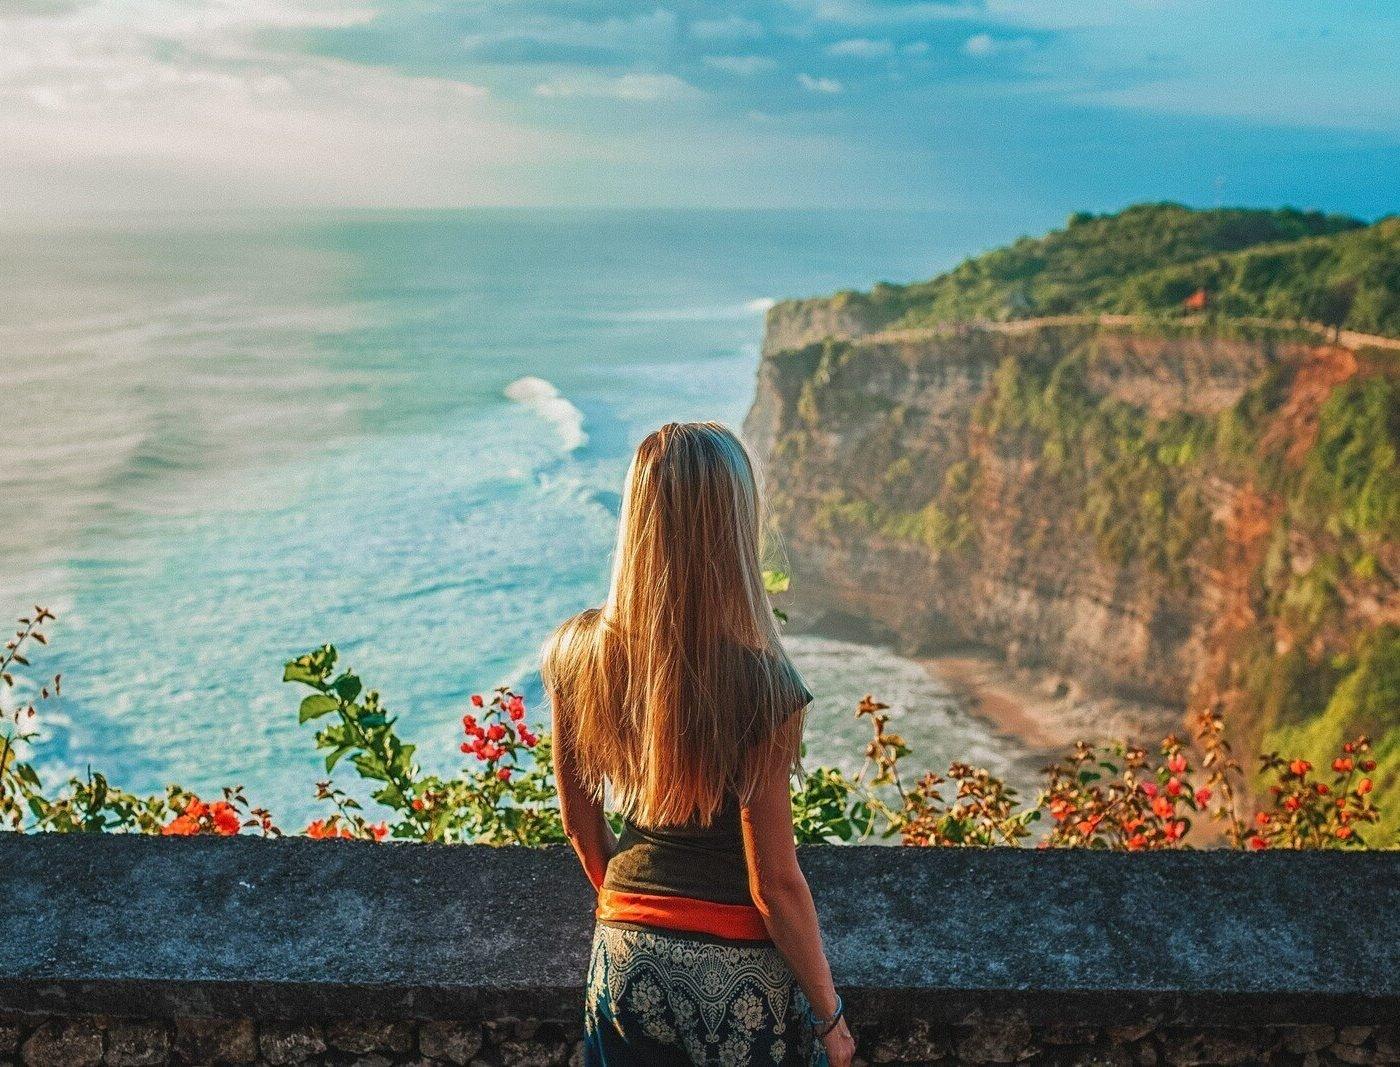 Explore Southern Bali